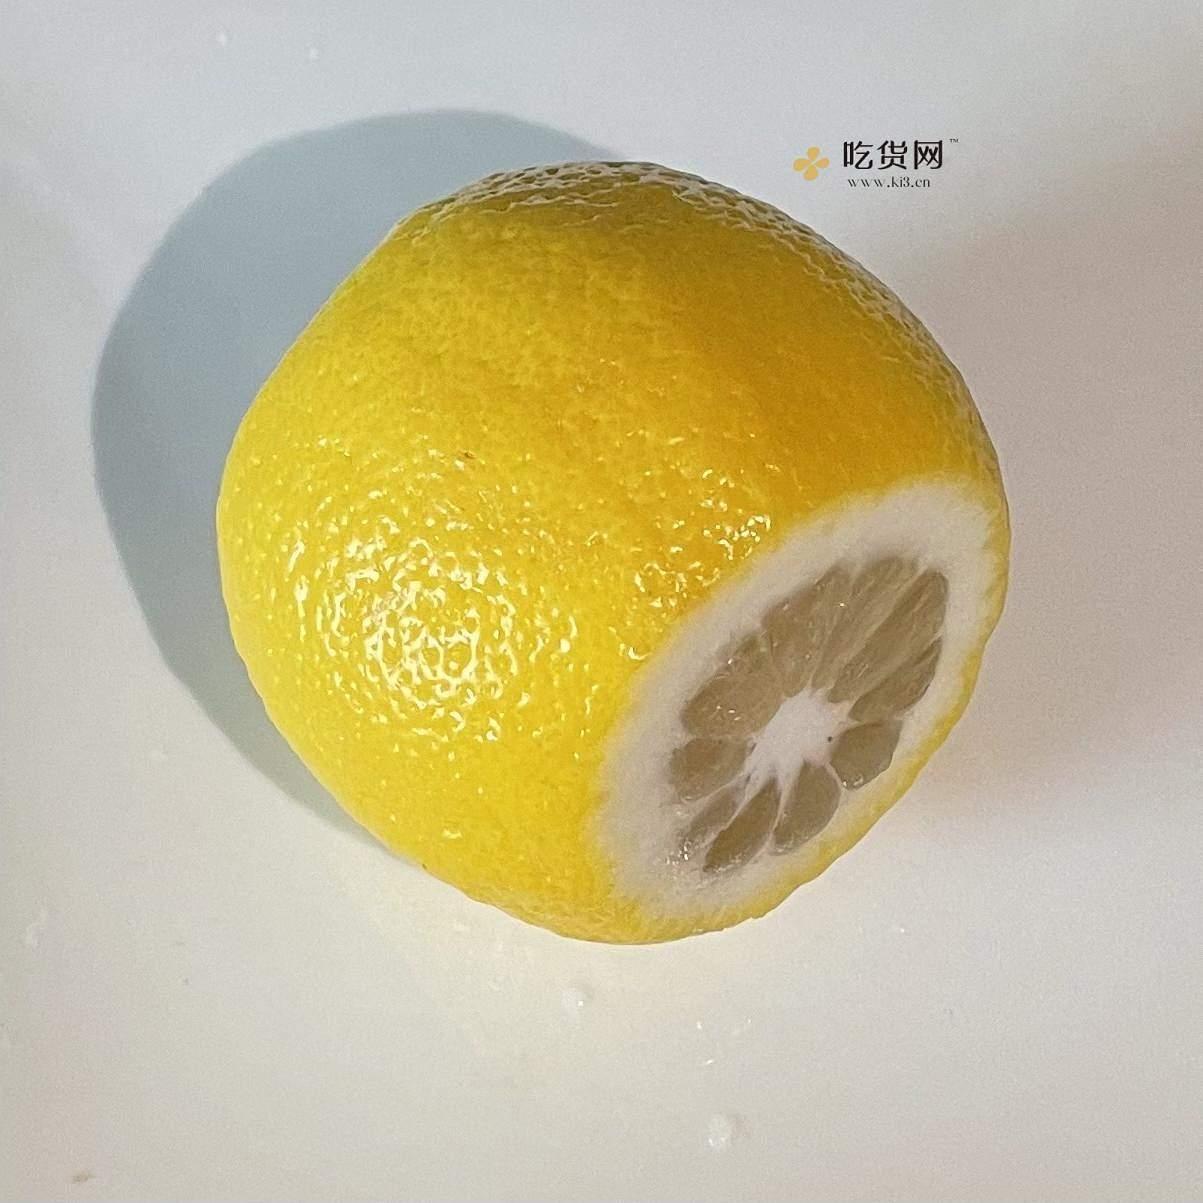 香蕉柠檬蜂蜜水 瘦身的做法 步骤12